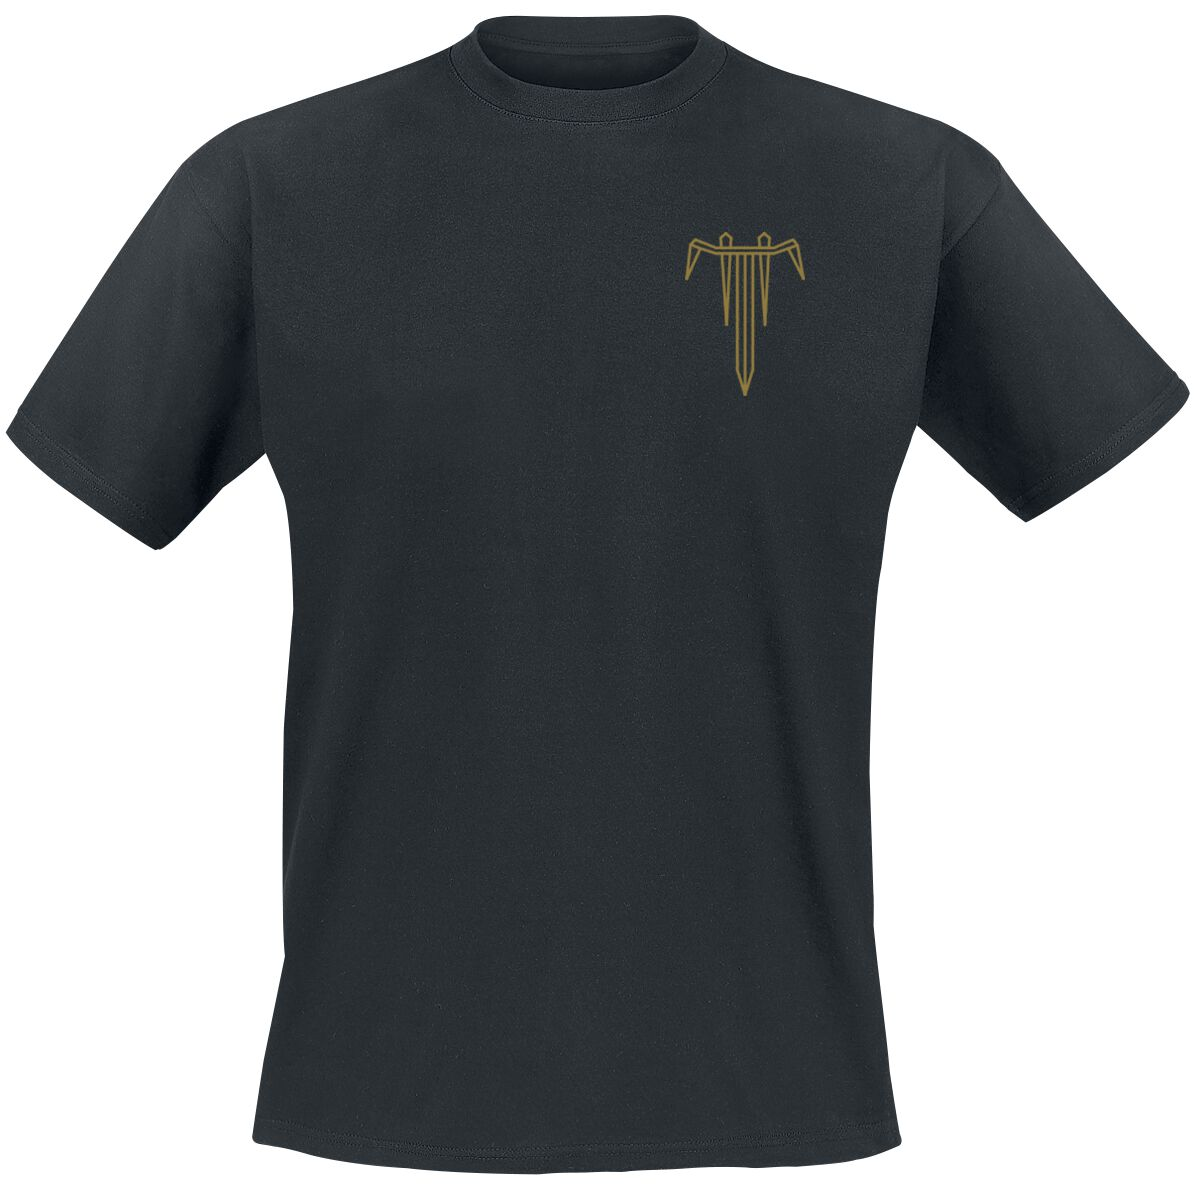 Zespoły - Koszulki - T-Shirt Trivium Sever The Hand T-Shirt czarny - 369580